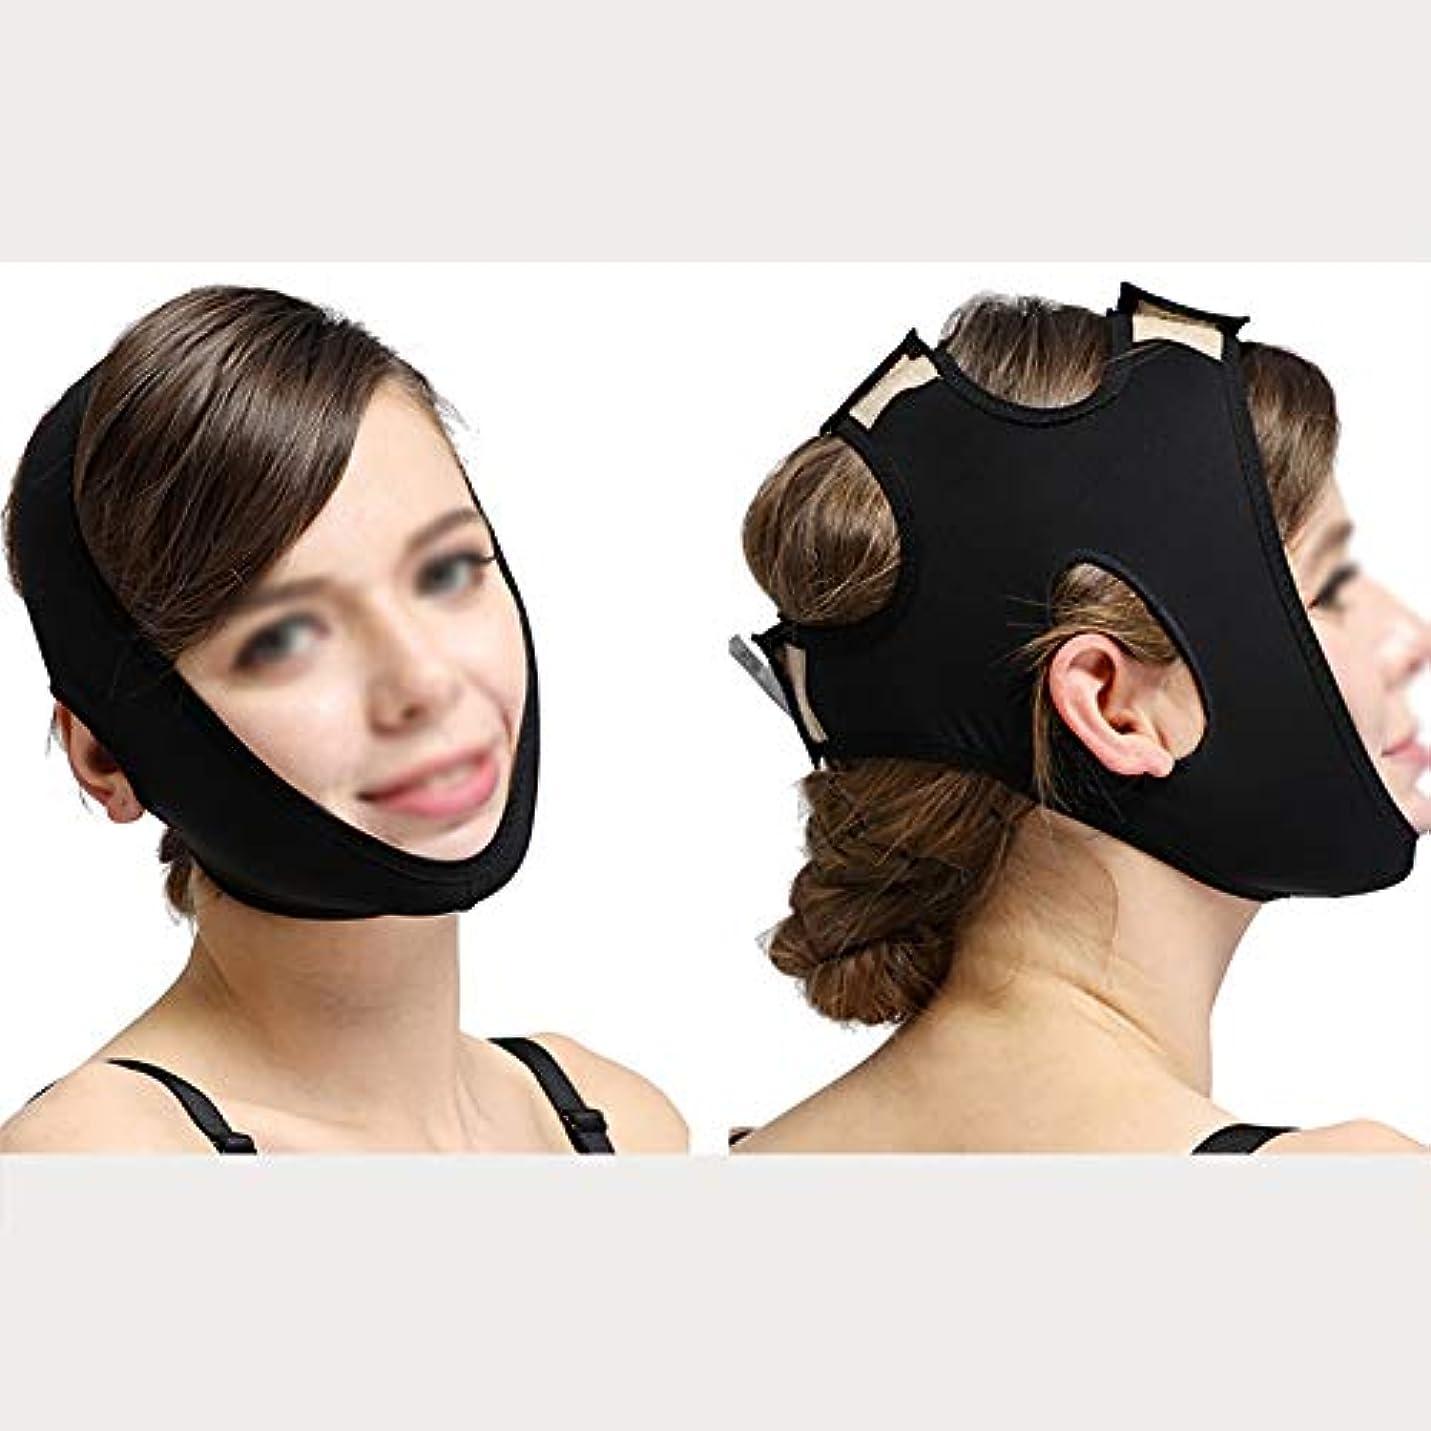 で先入観初心者顔面彫刻ツール、脂肪吸引フード、あご加圧、ストレッチマスク (Color : Black, Size : XL)